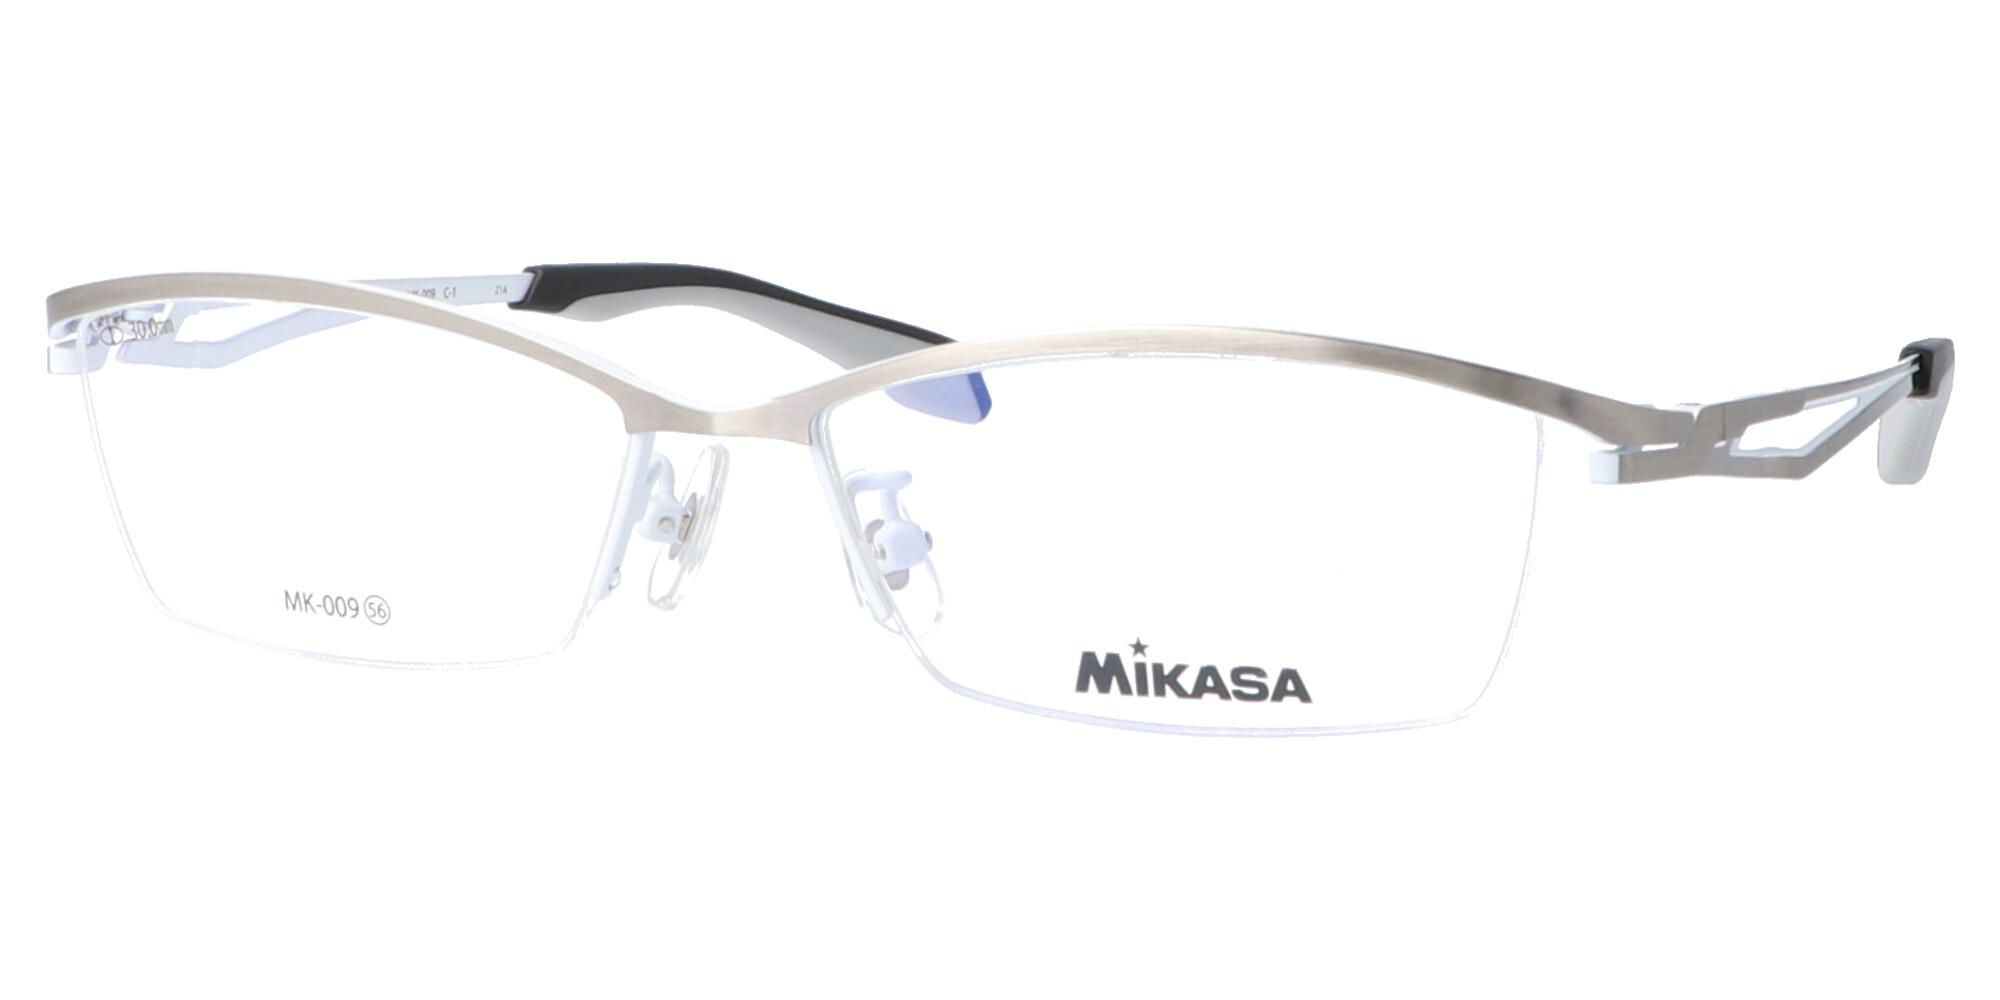 ミカサ MK-009_56_シャーリングシルバー